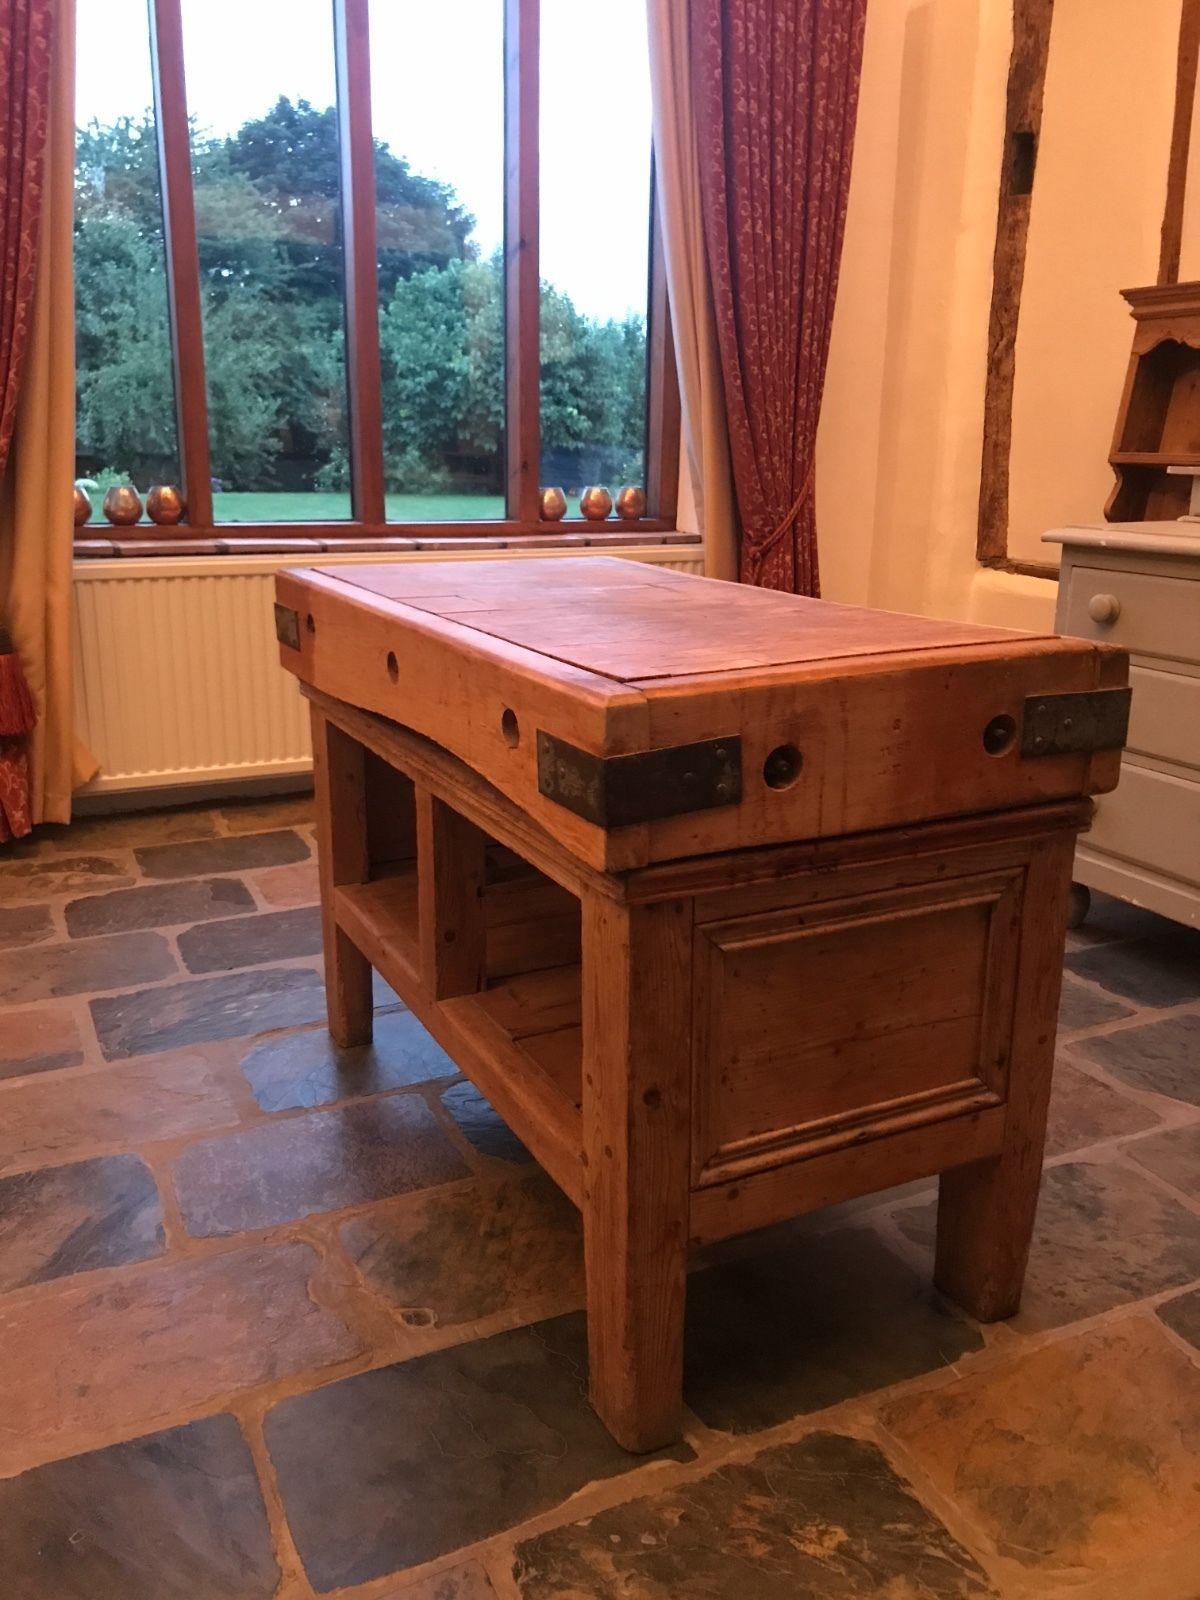 Stunning original antique butcherus block home furniture u diy